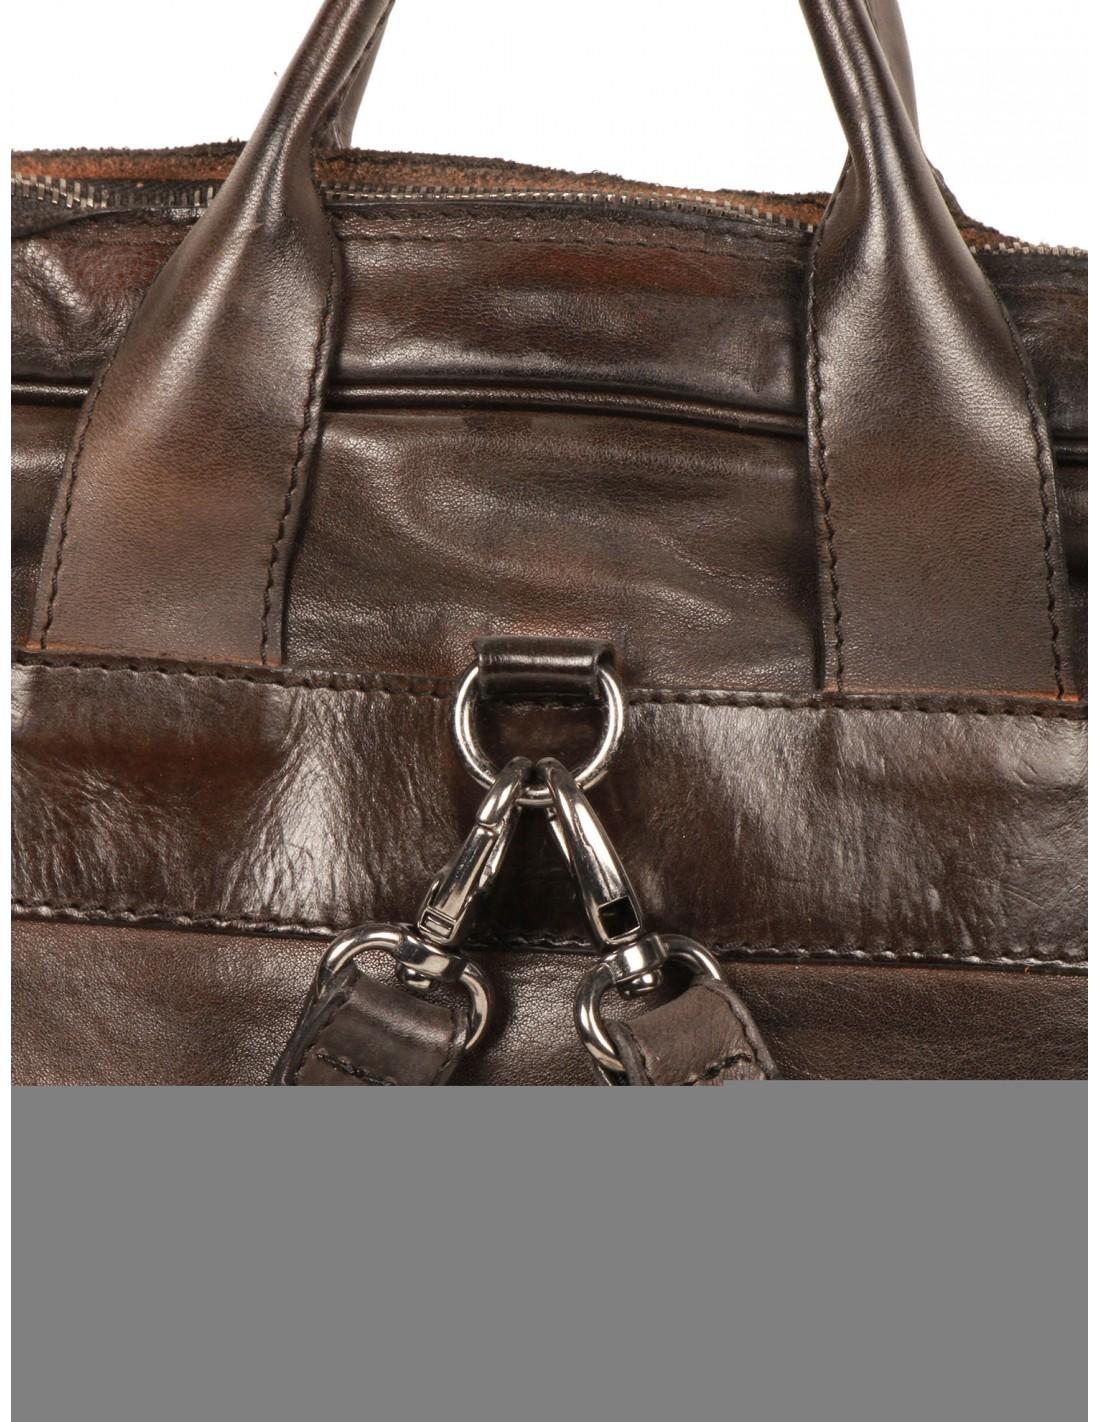 sac dos en cuir bi mati re numero 10 pour homme serie. Black Bedroom Furniture Sets. Home Design Ideas